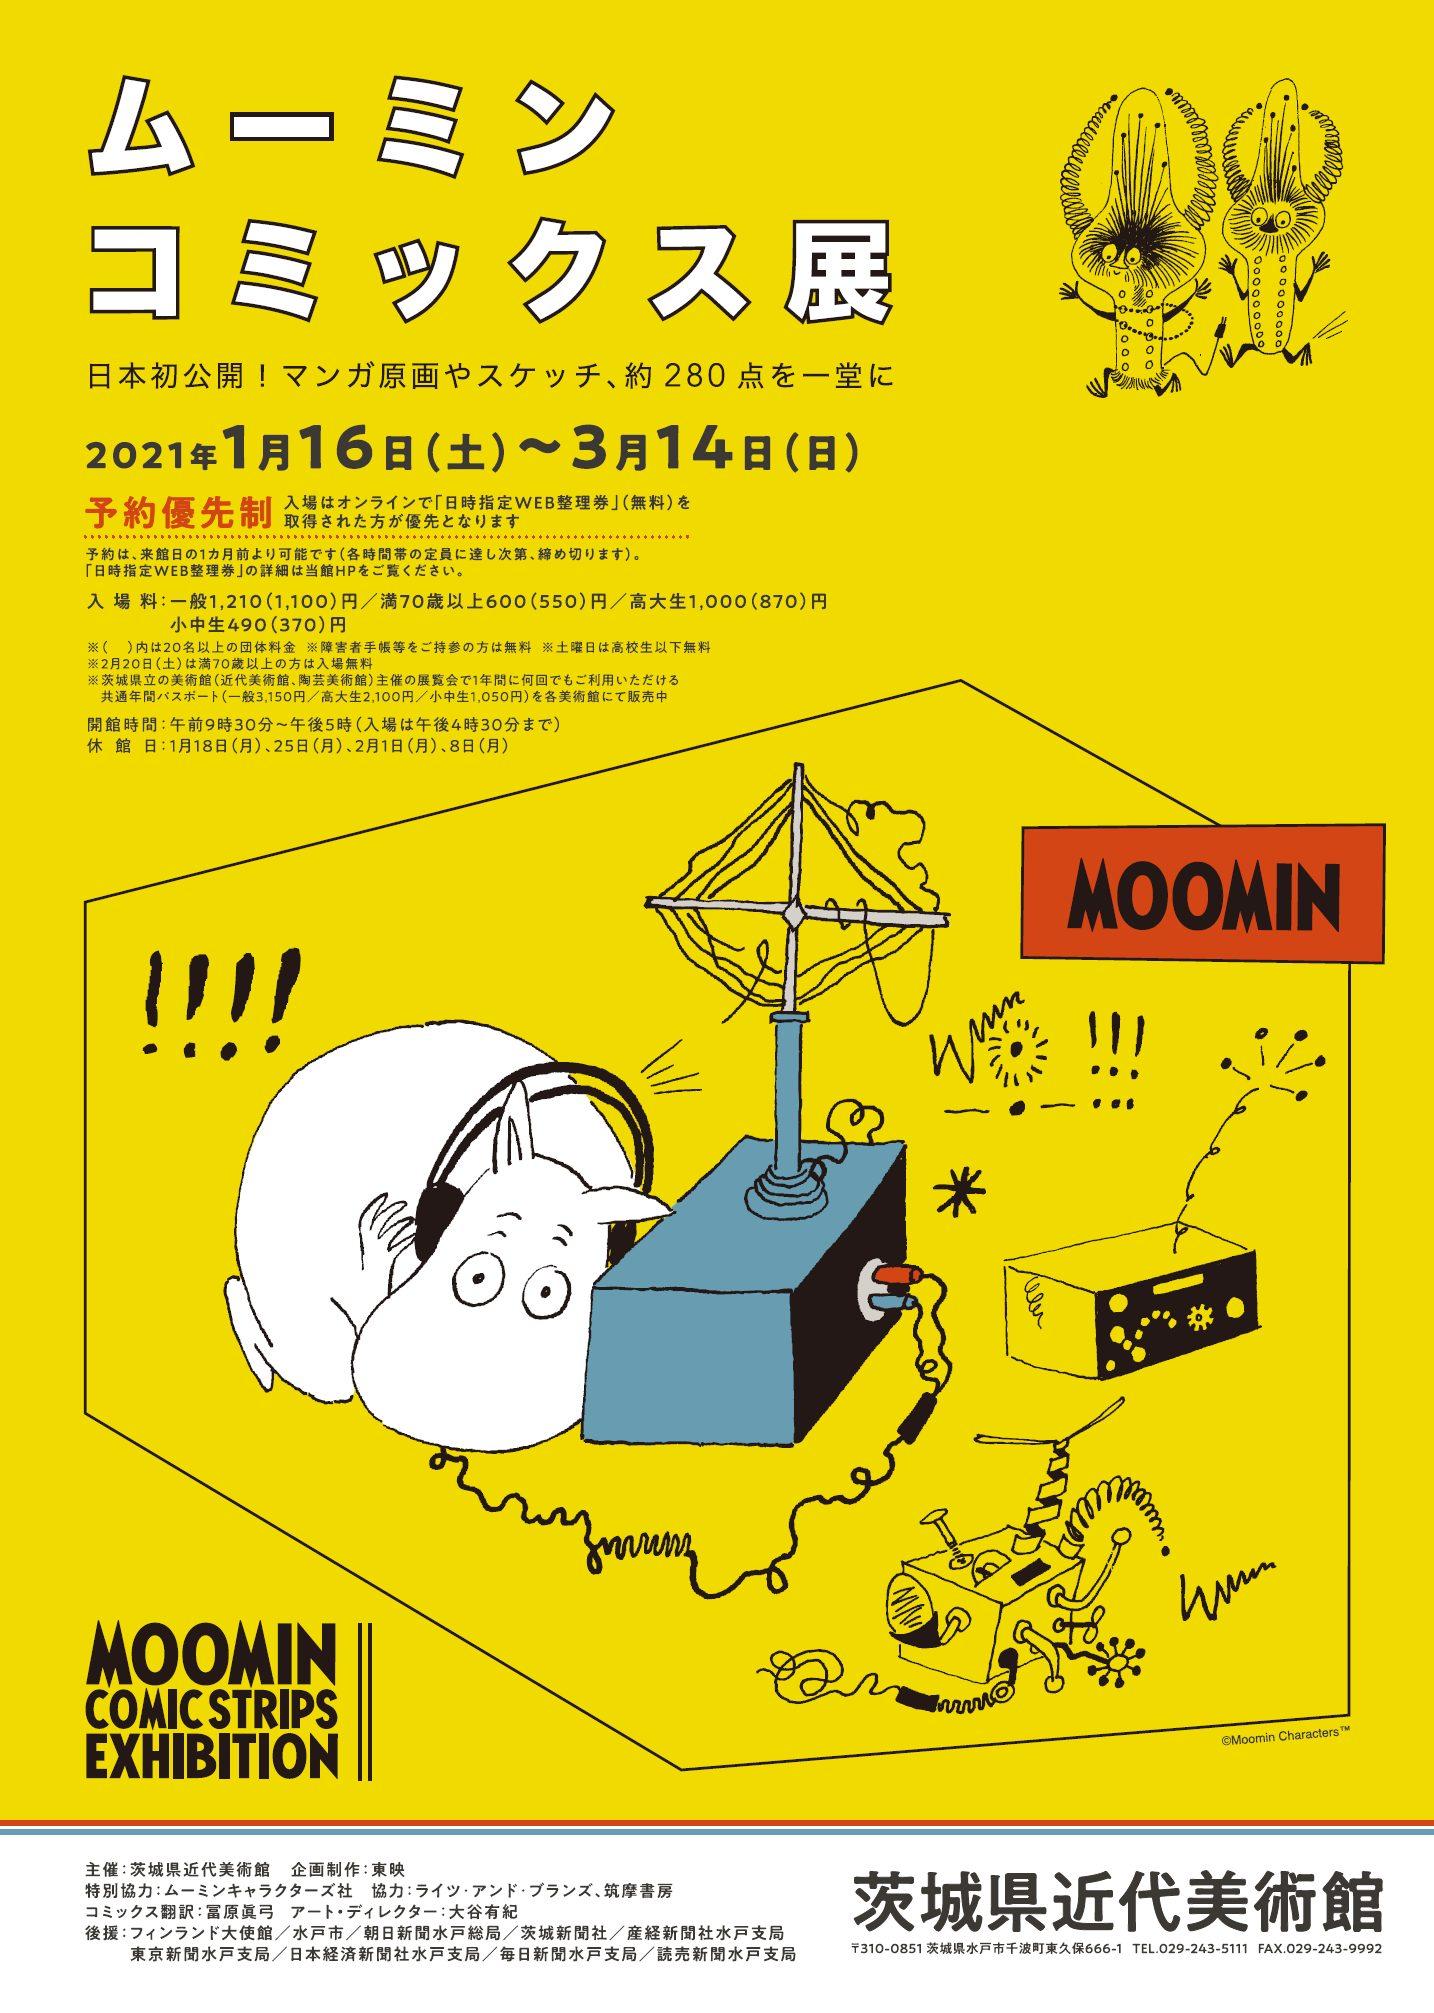 ムーミン コミックス展